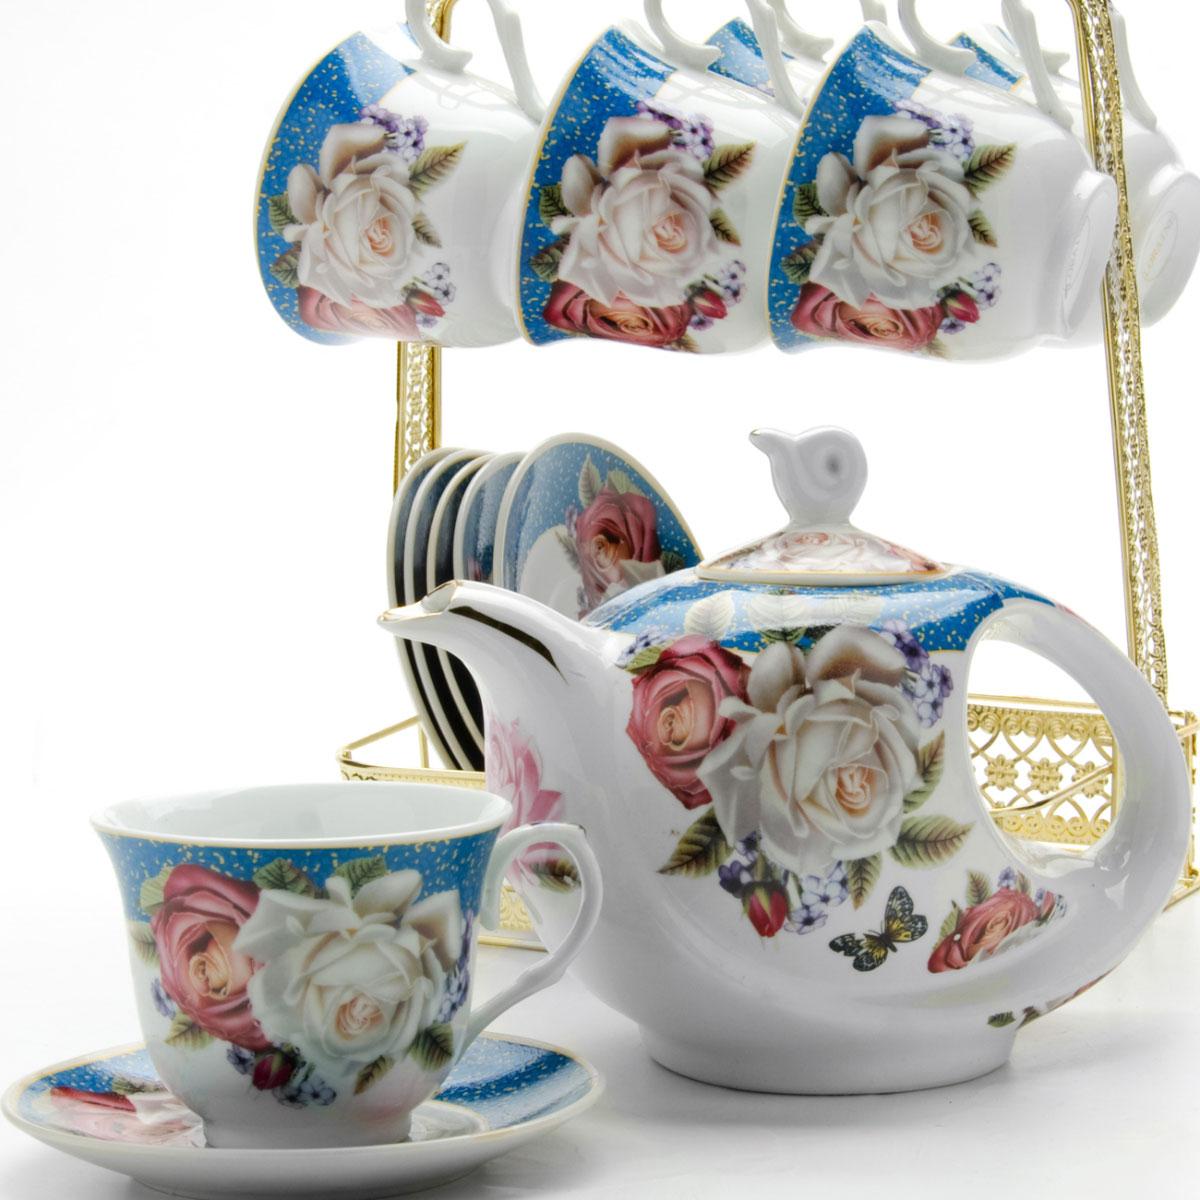 Набор чайный Loraine, на подставке, 15 предметов. 24786AK1508-957-Y15, AK1508-XY-Y15Чайный набор Loraine состоит из шести чашек, шести блюдец и заварочного чайника. Предметы набора изготовлены из керамики и оформлены изображением цветов и бабочек. Все предметы располагаются на удобной металлической подставке с ручкой. Элегантный дизайн набора придется по вкусу и ценителям классики, и тем, кто предпочитает утонченность и изысканность. Он настроит на позитивный лад и подарит хорошее настроение с самого утра. Чайный набор идеально подойдет для сервировки стола и станет отличным подарком к любому празднику.Объем чашки: 220 мл.Объем чайника: 950 мл.Диаметр блюдца: 13,5 см.